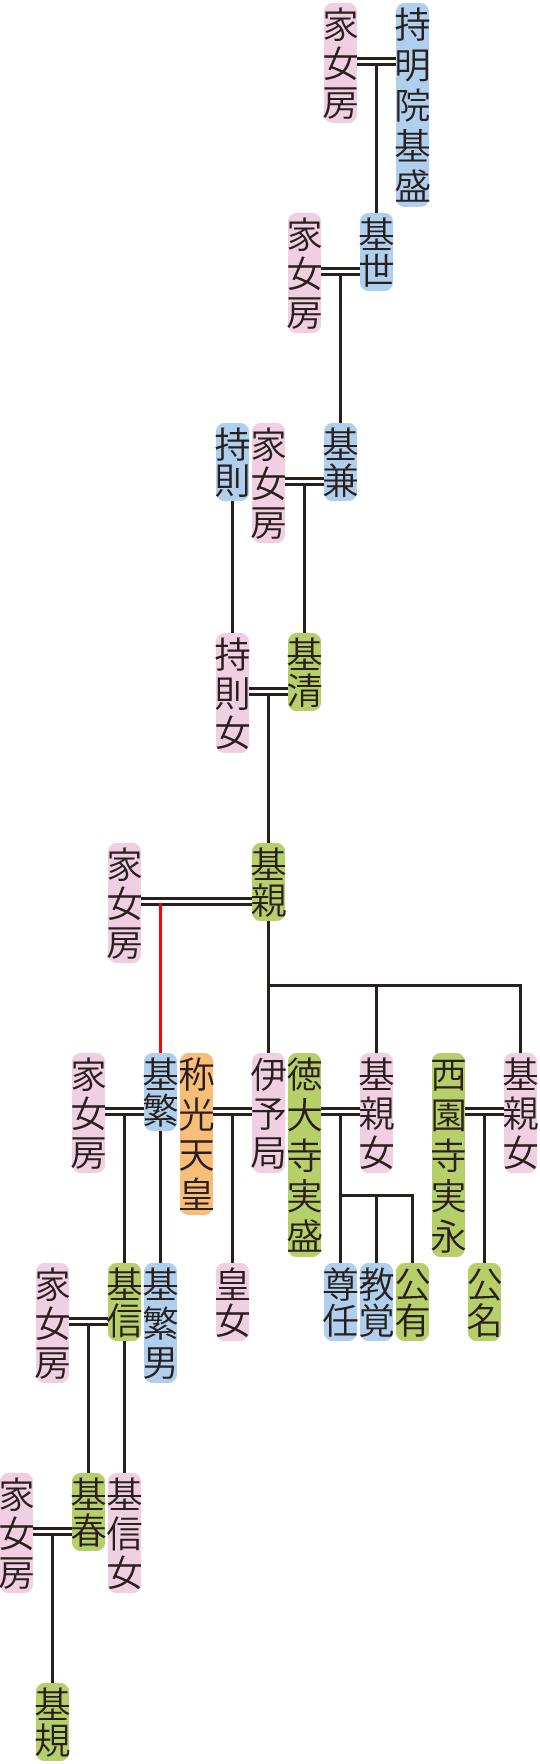 持明院基兼~基信の系図